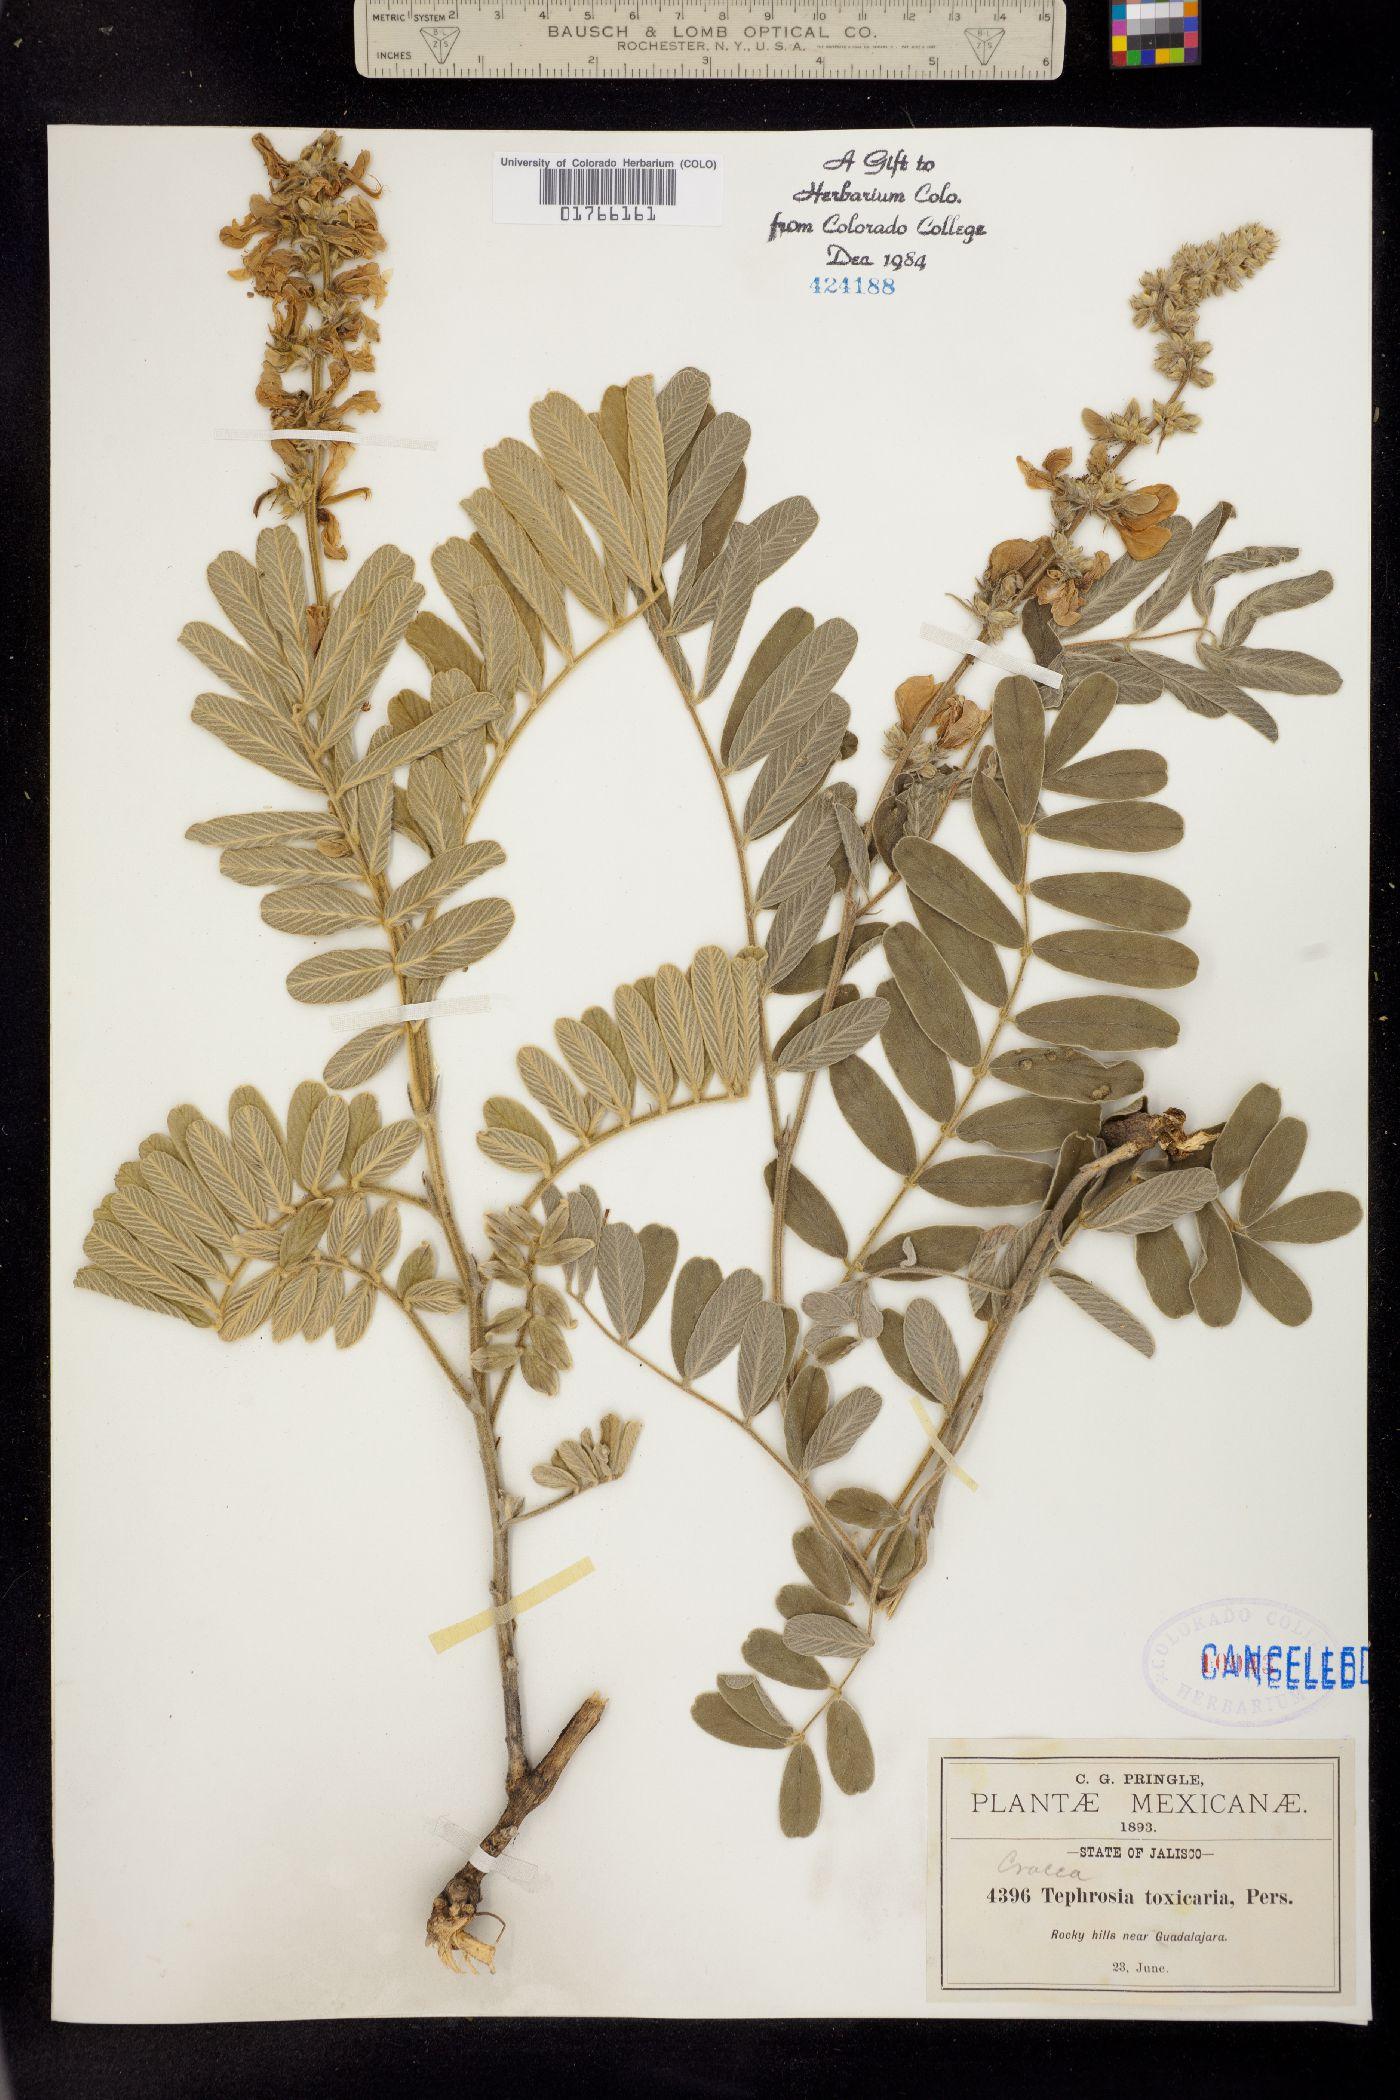 Tephrosia sinapou image